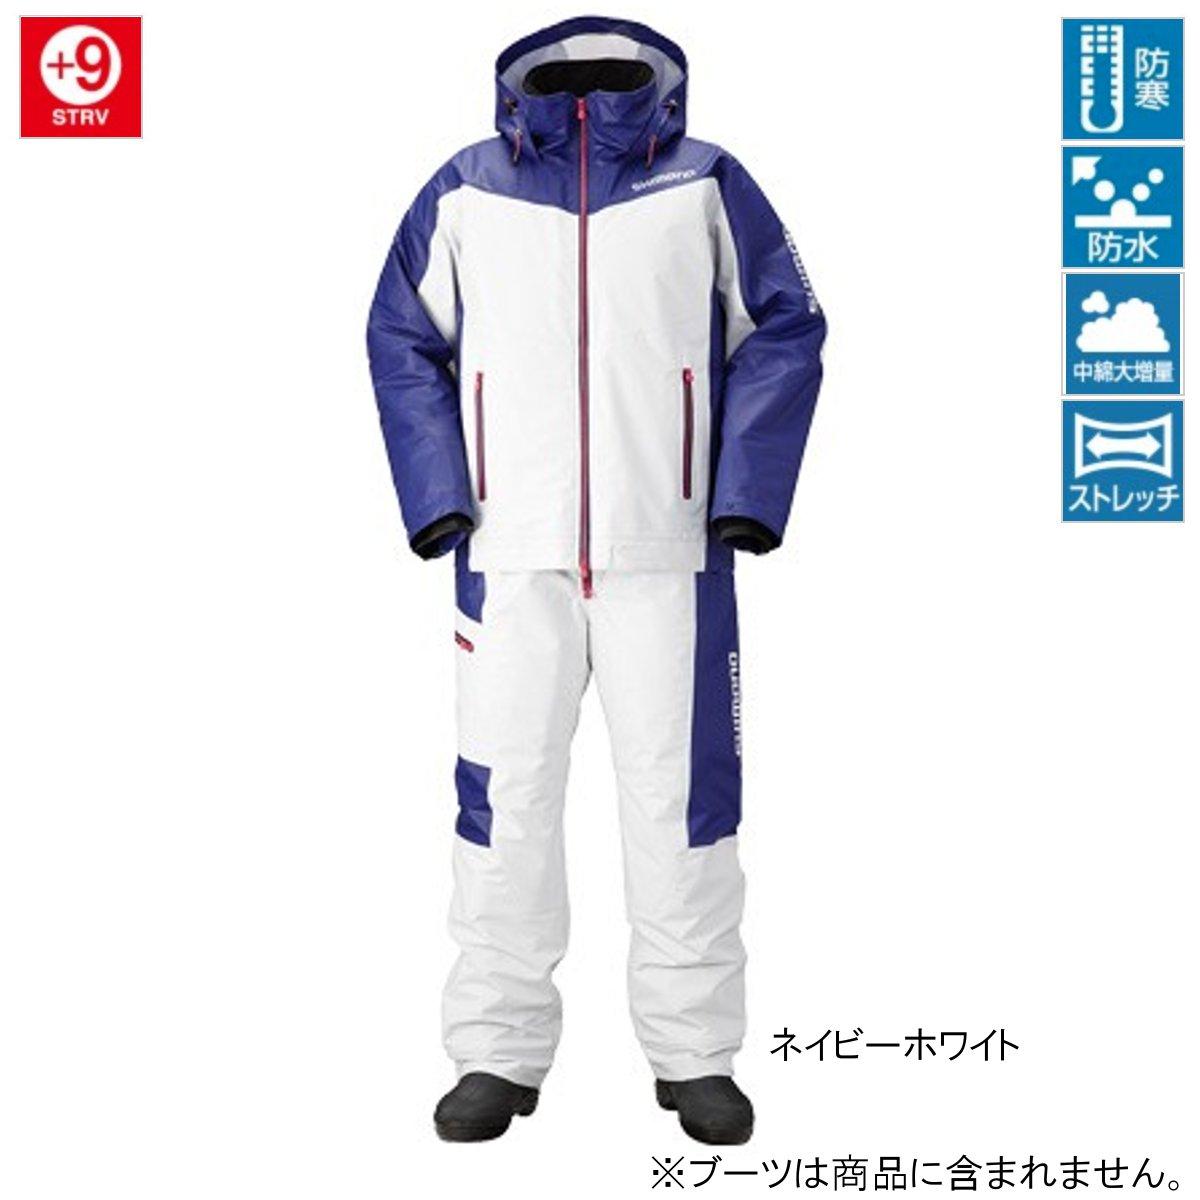 シマノ マリンコールドウェザースーツ EX RB-035N L ネイビーホワイト(東日本店)